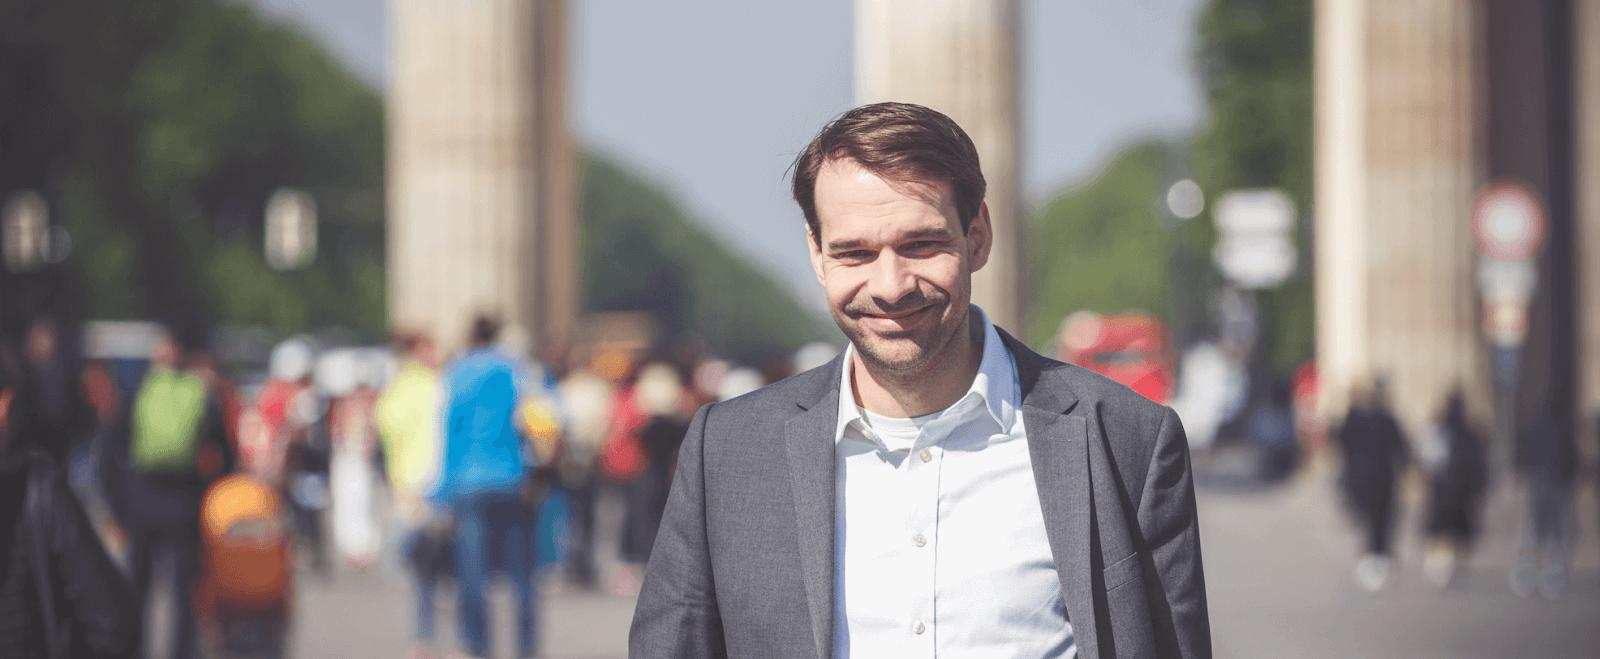 Sebastian Jabbusch ist Berater für politische Kommunikation